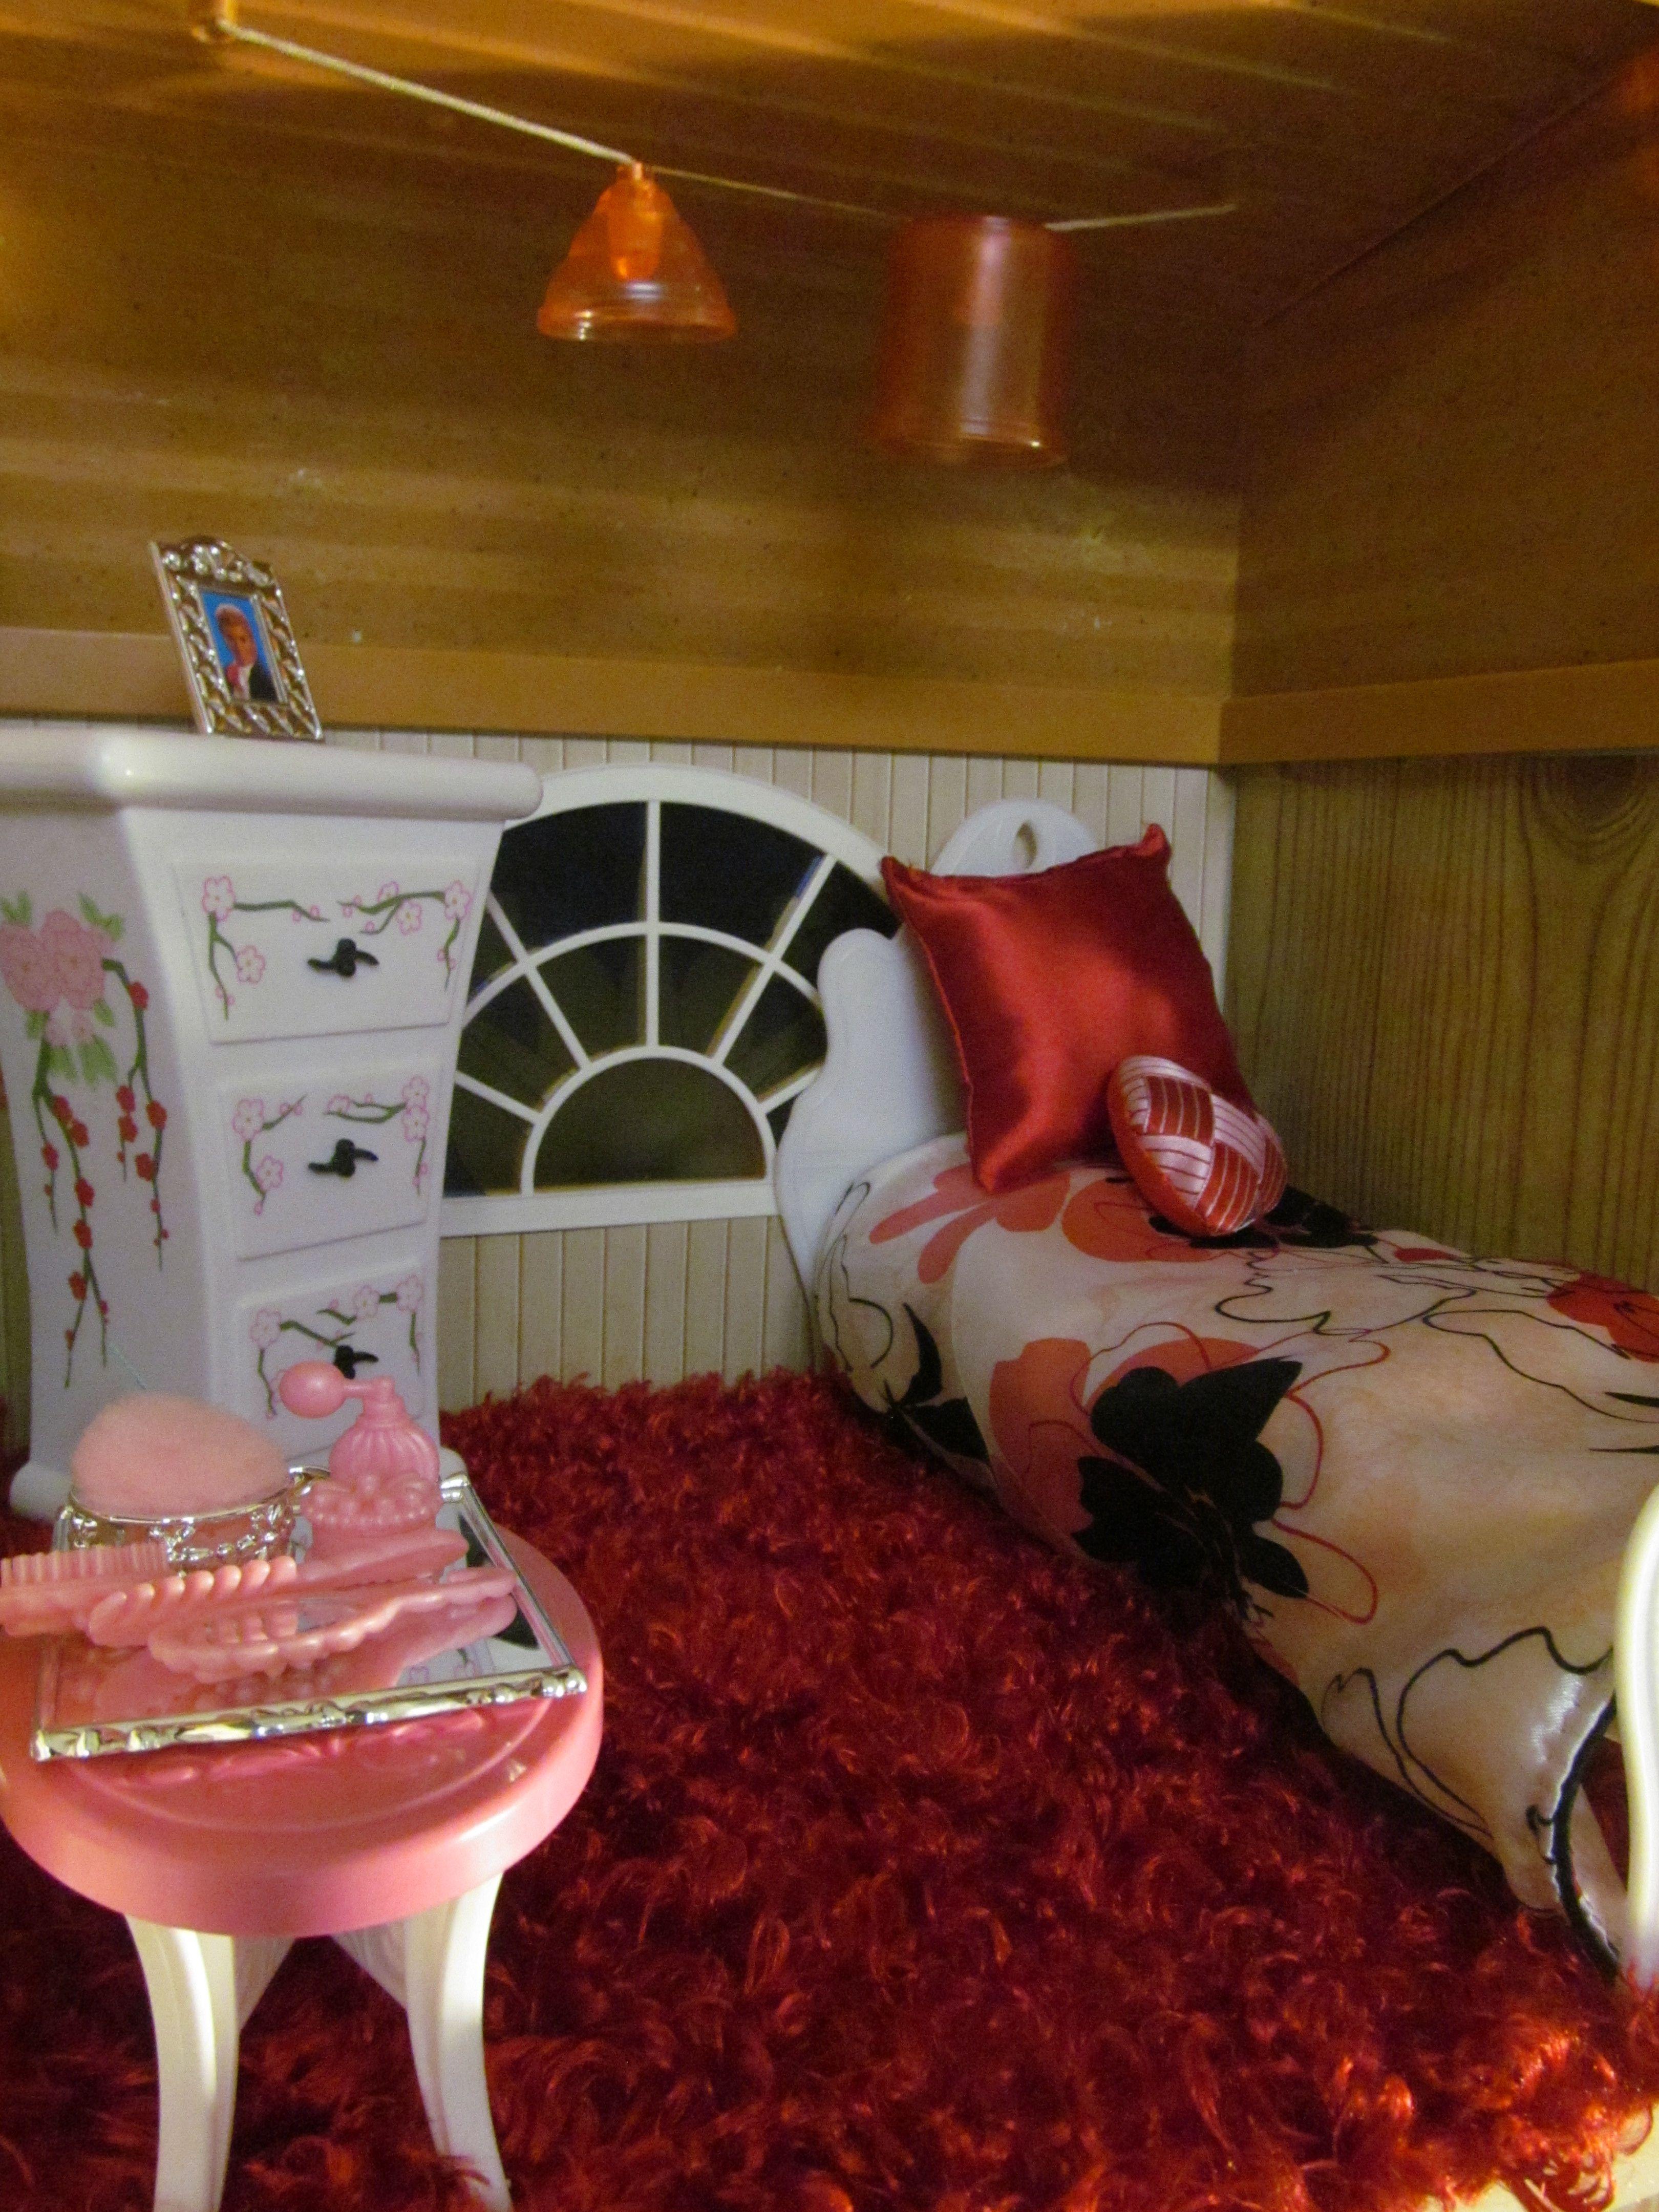 OOAK Barbie House Created By Michele Tunstall, Ebay